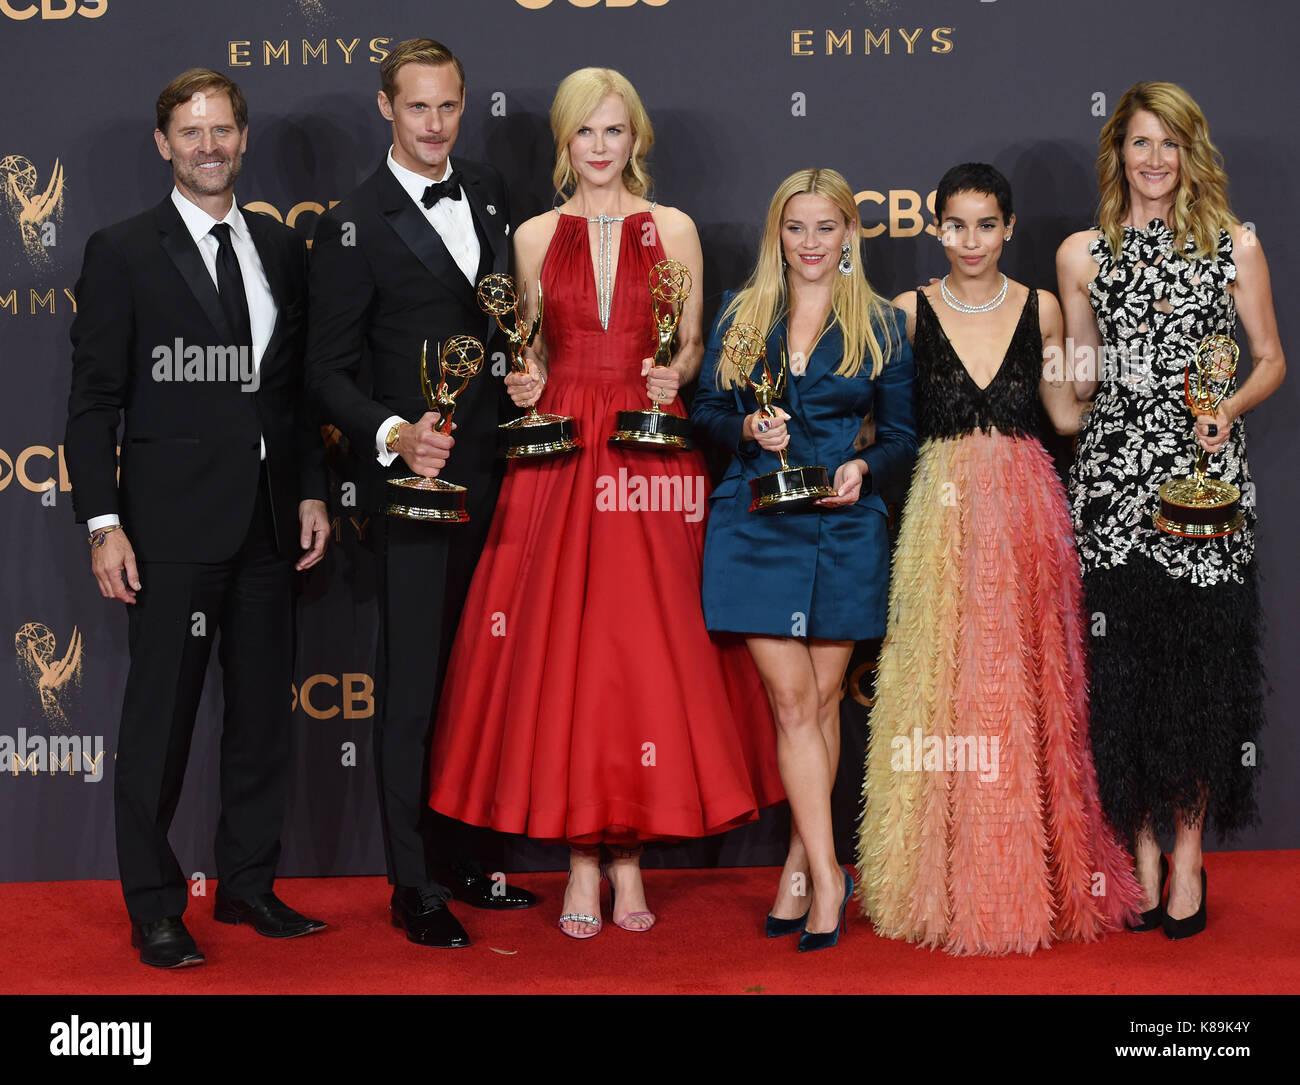 Emmys 2017 Keith Urban Ok With Nicole Kidman Alexander: Nicole Alexander Stock Photos & Nicole Alexander Stock